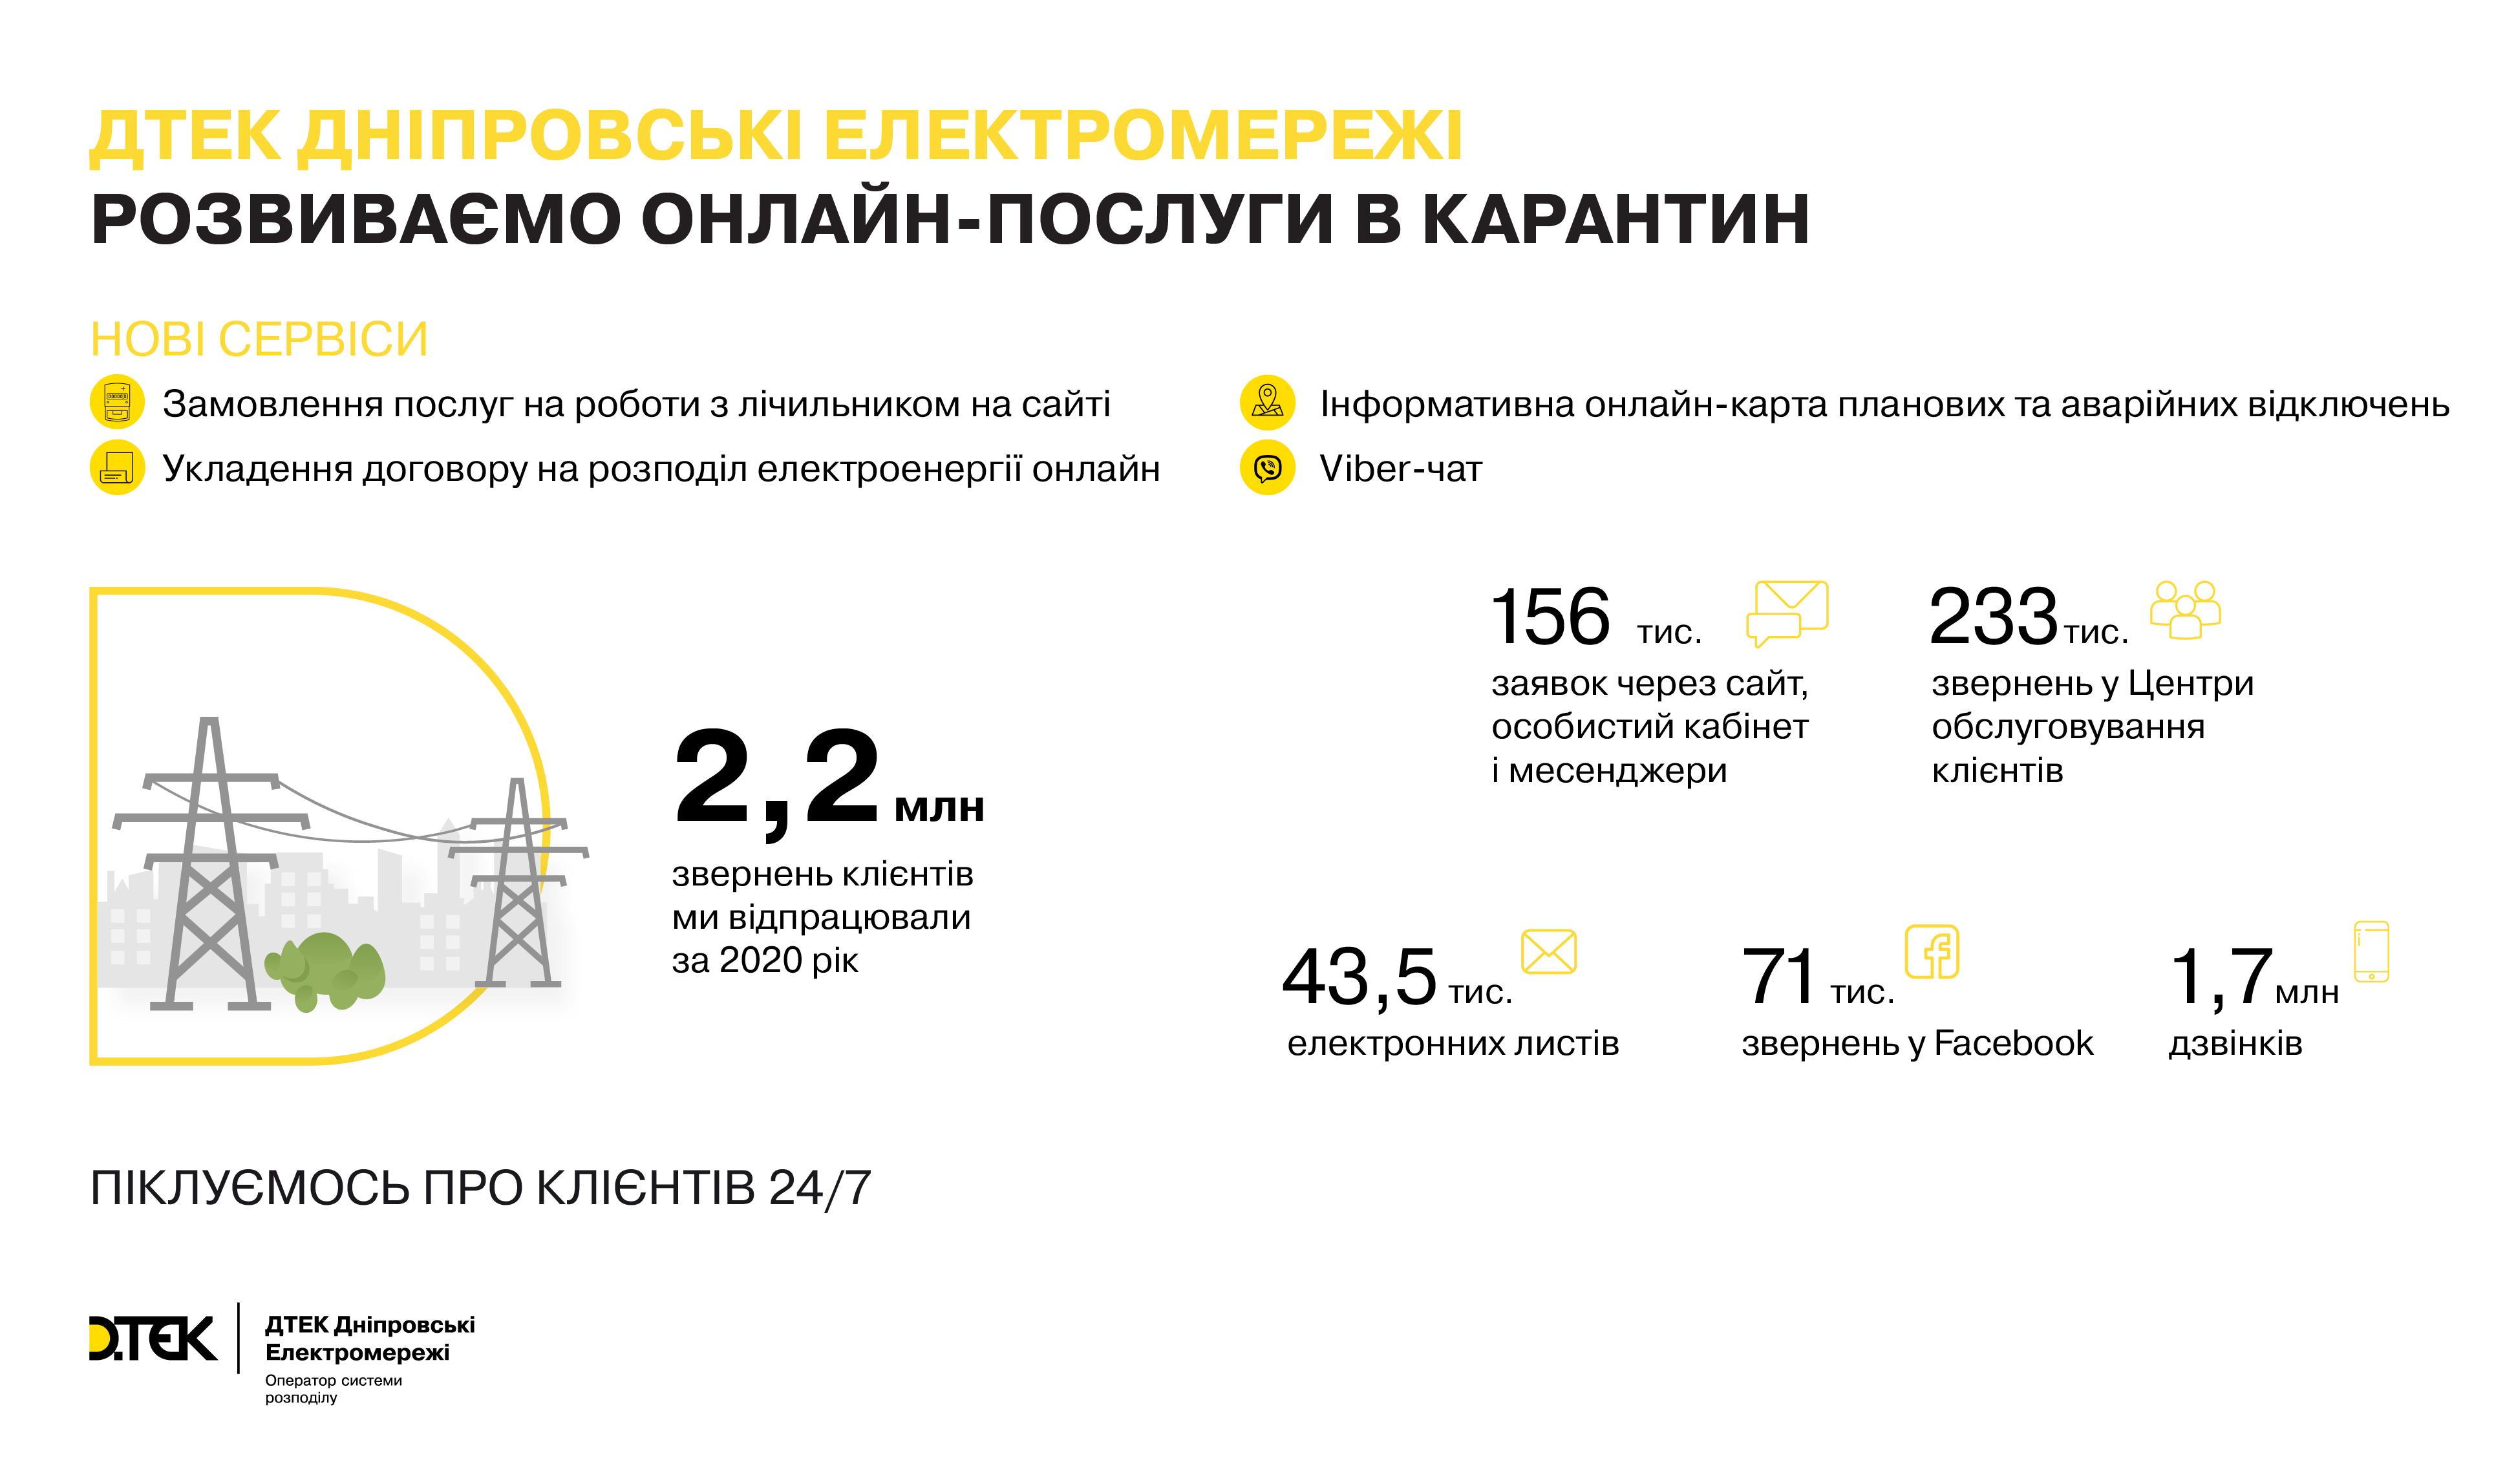 Графік роботи ДТЕК Дніпровські електромережі на новорічні свята